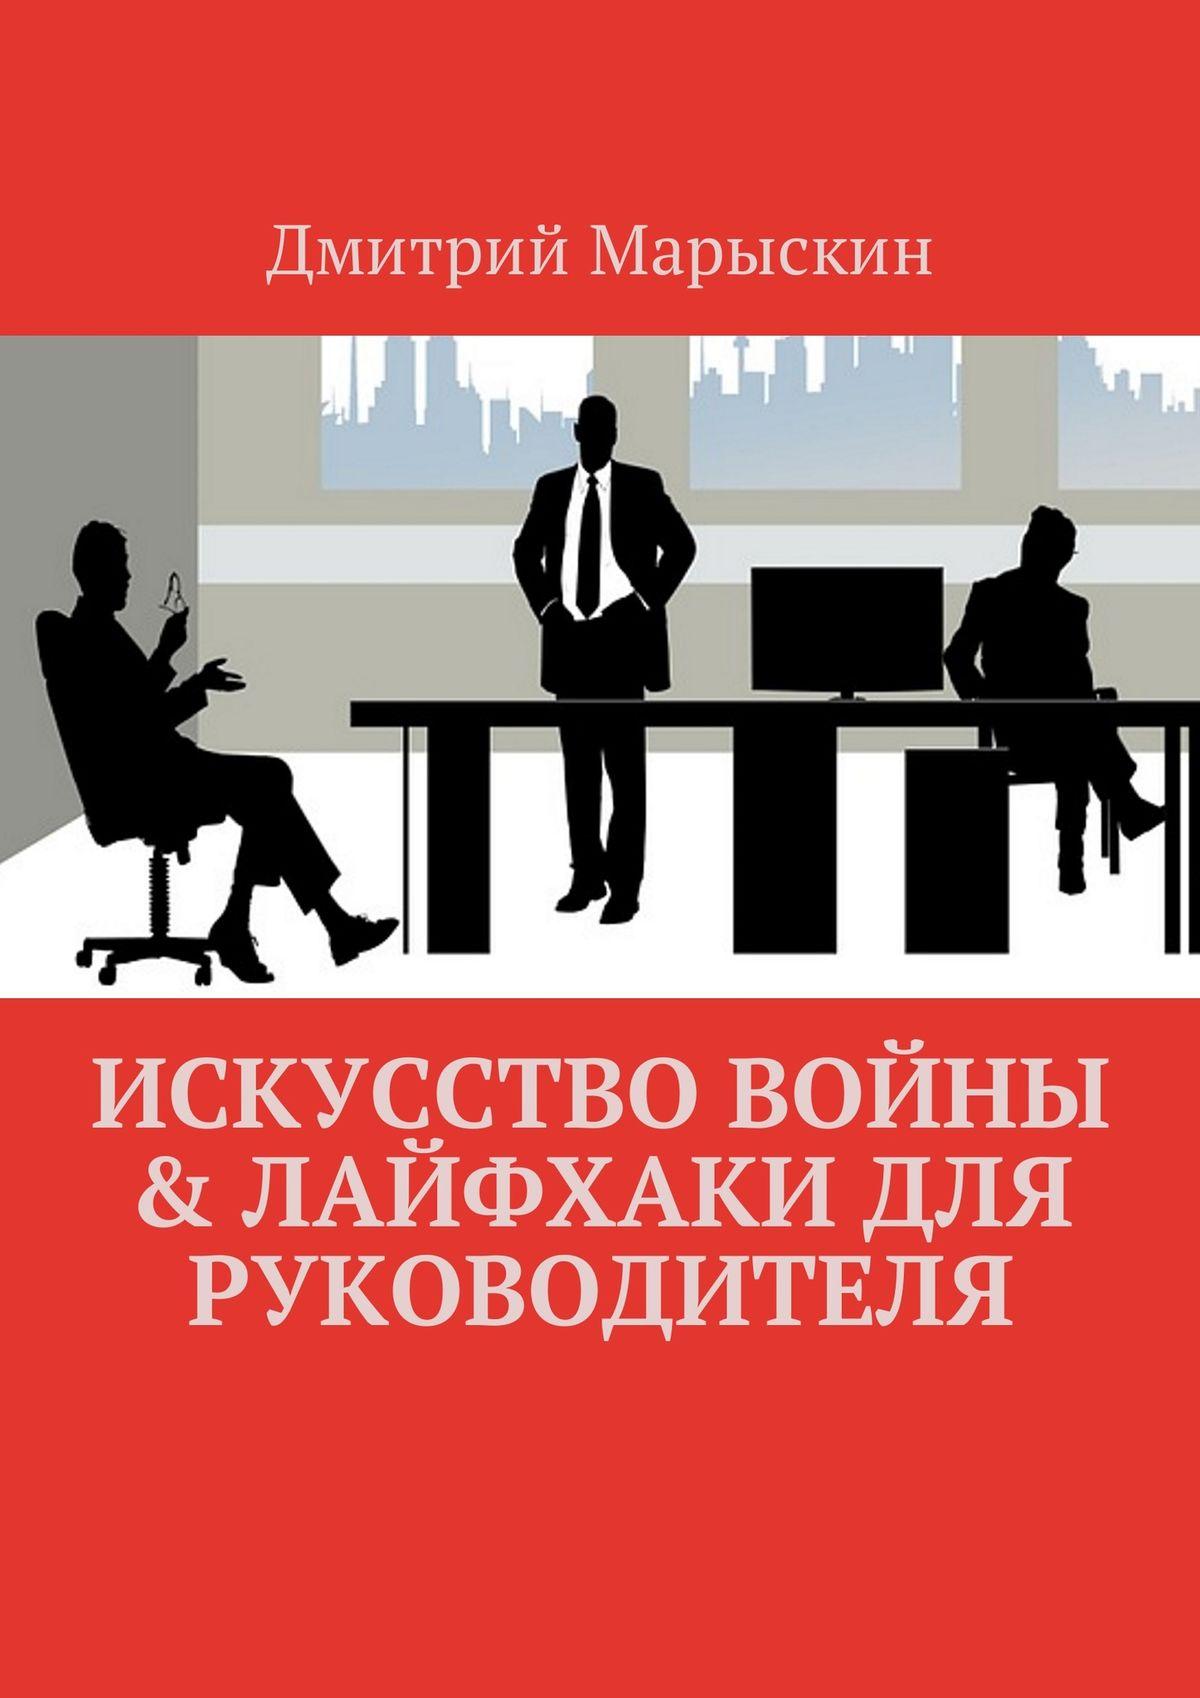 Дмитрий Марыскин Искусство войны & Лайфхаки для руководителя дмитрий марыскин искусство войны